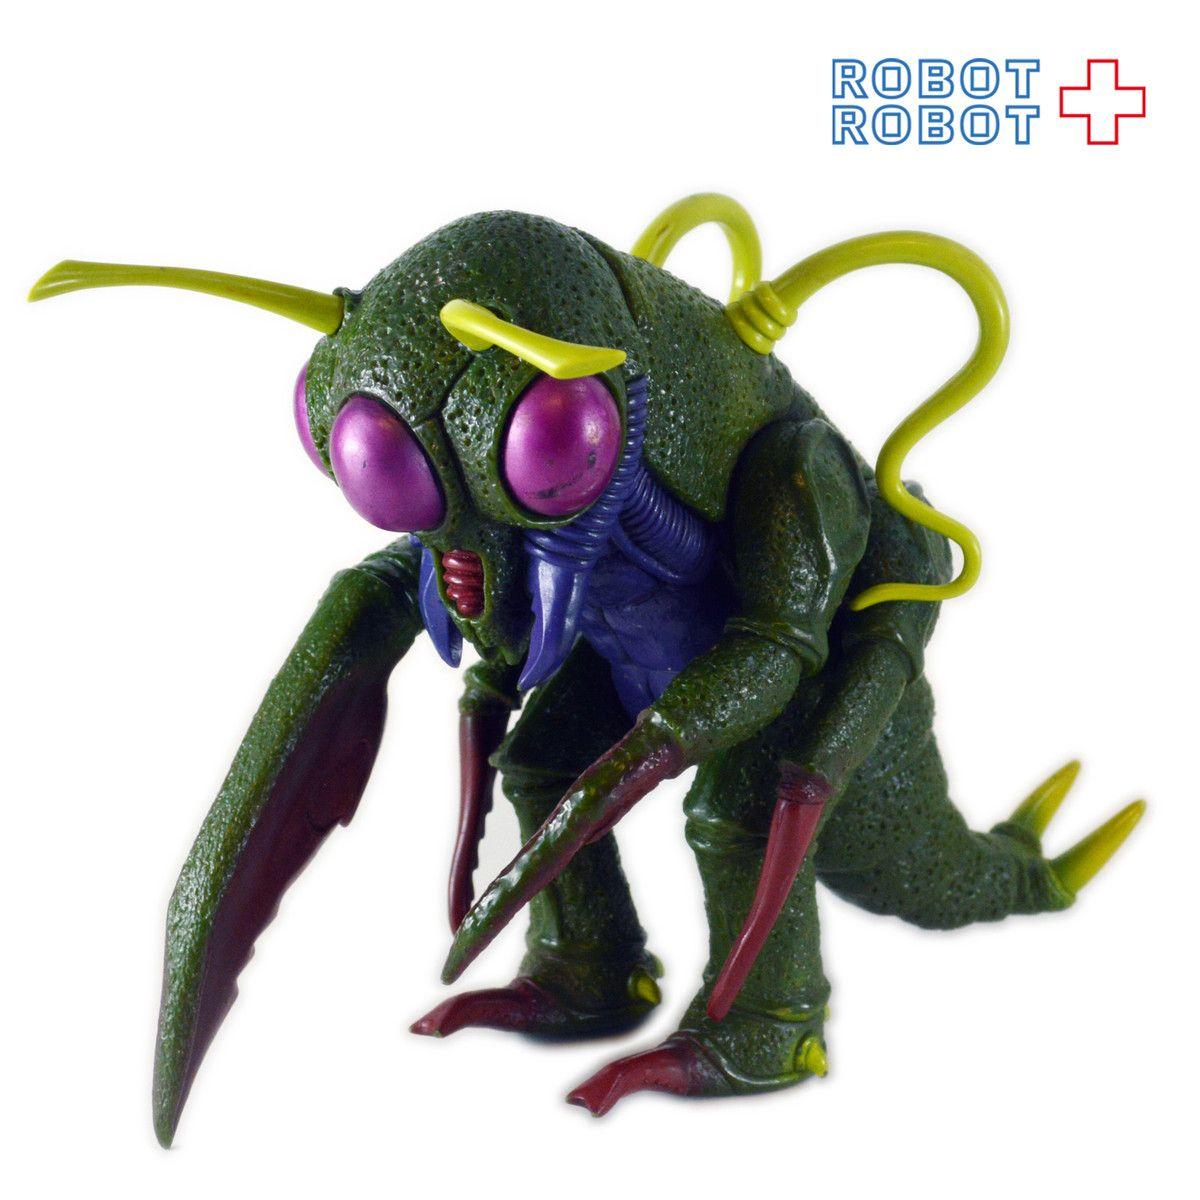 バンダイ グレートモンスターシリーズ ウルトラマンg 昆虫怪獣マジャバbandai great monster ultramang majaba 怪獣 モンスター ベイダー